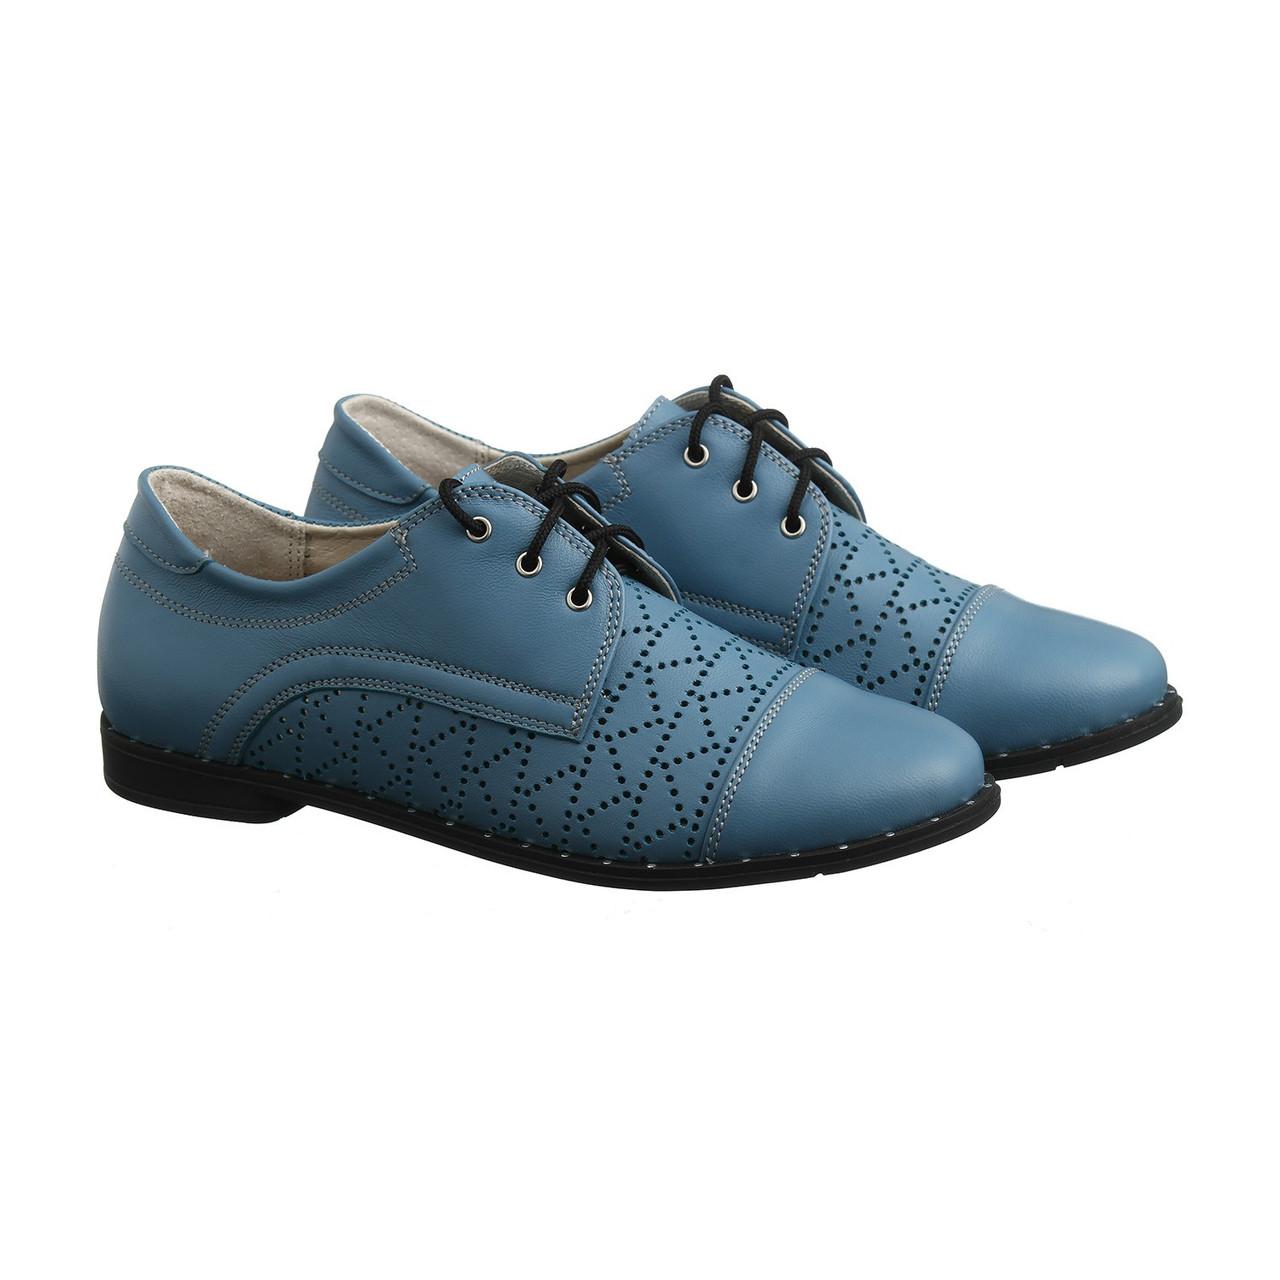 VM-Villomi Голубые туфли размер из кожи с перфорацией